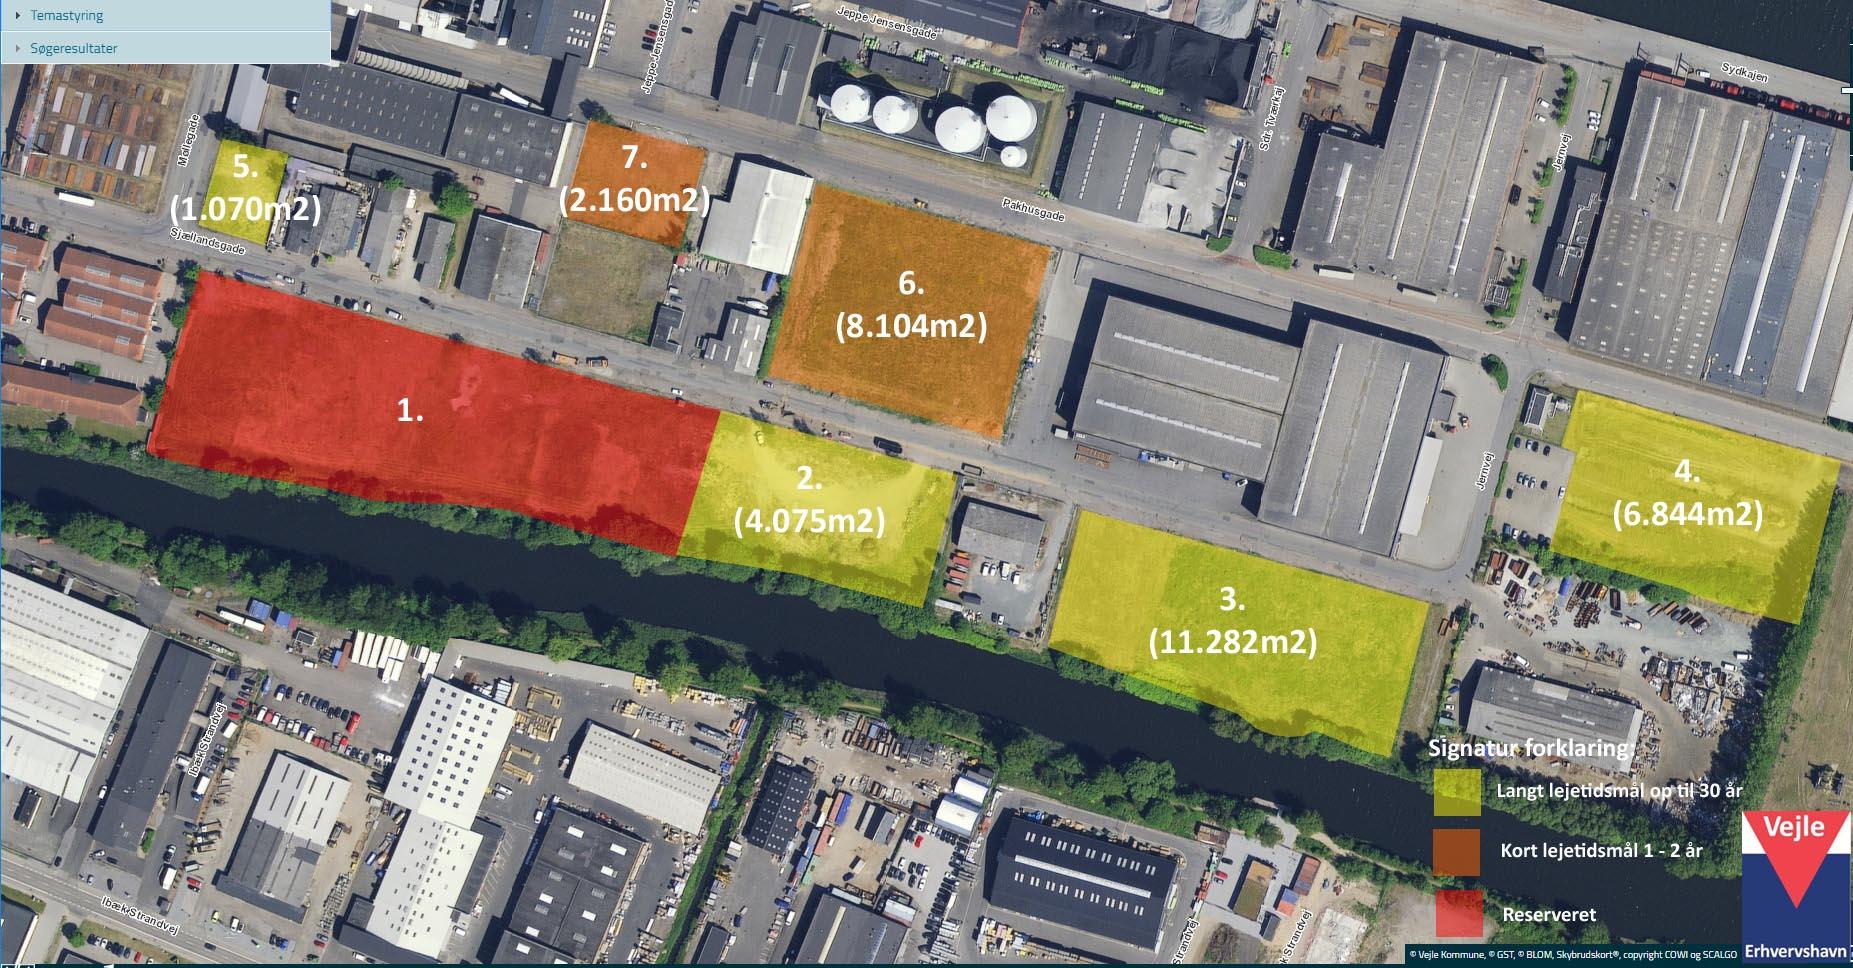 Oversigtskort over ledige arealer på Vejle Erhvervshavn